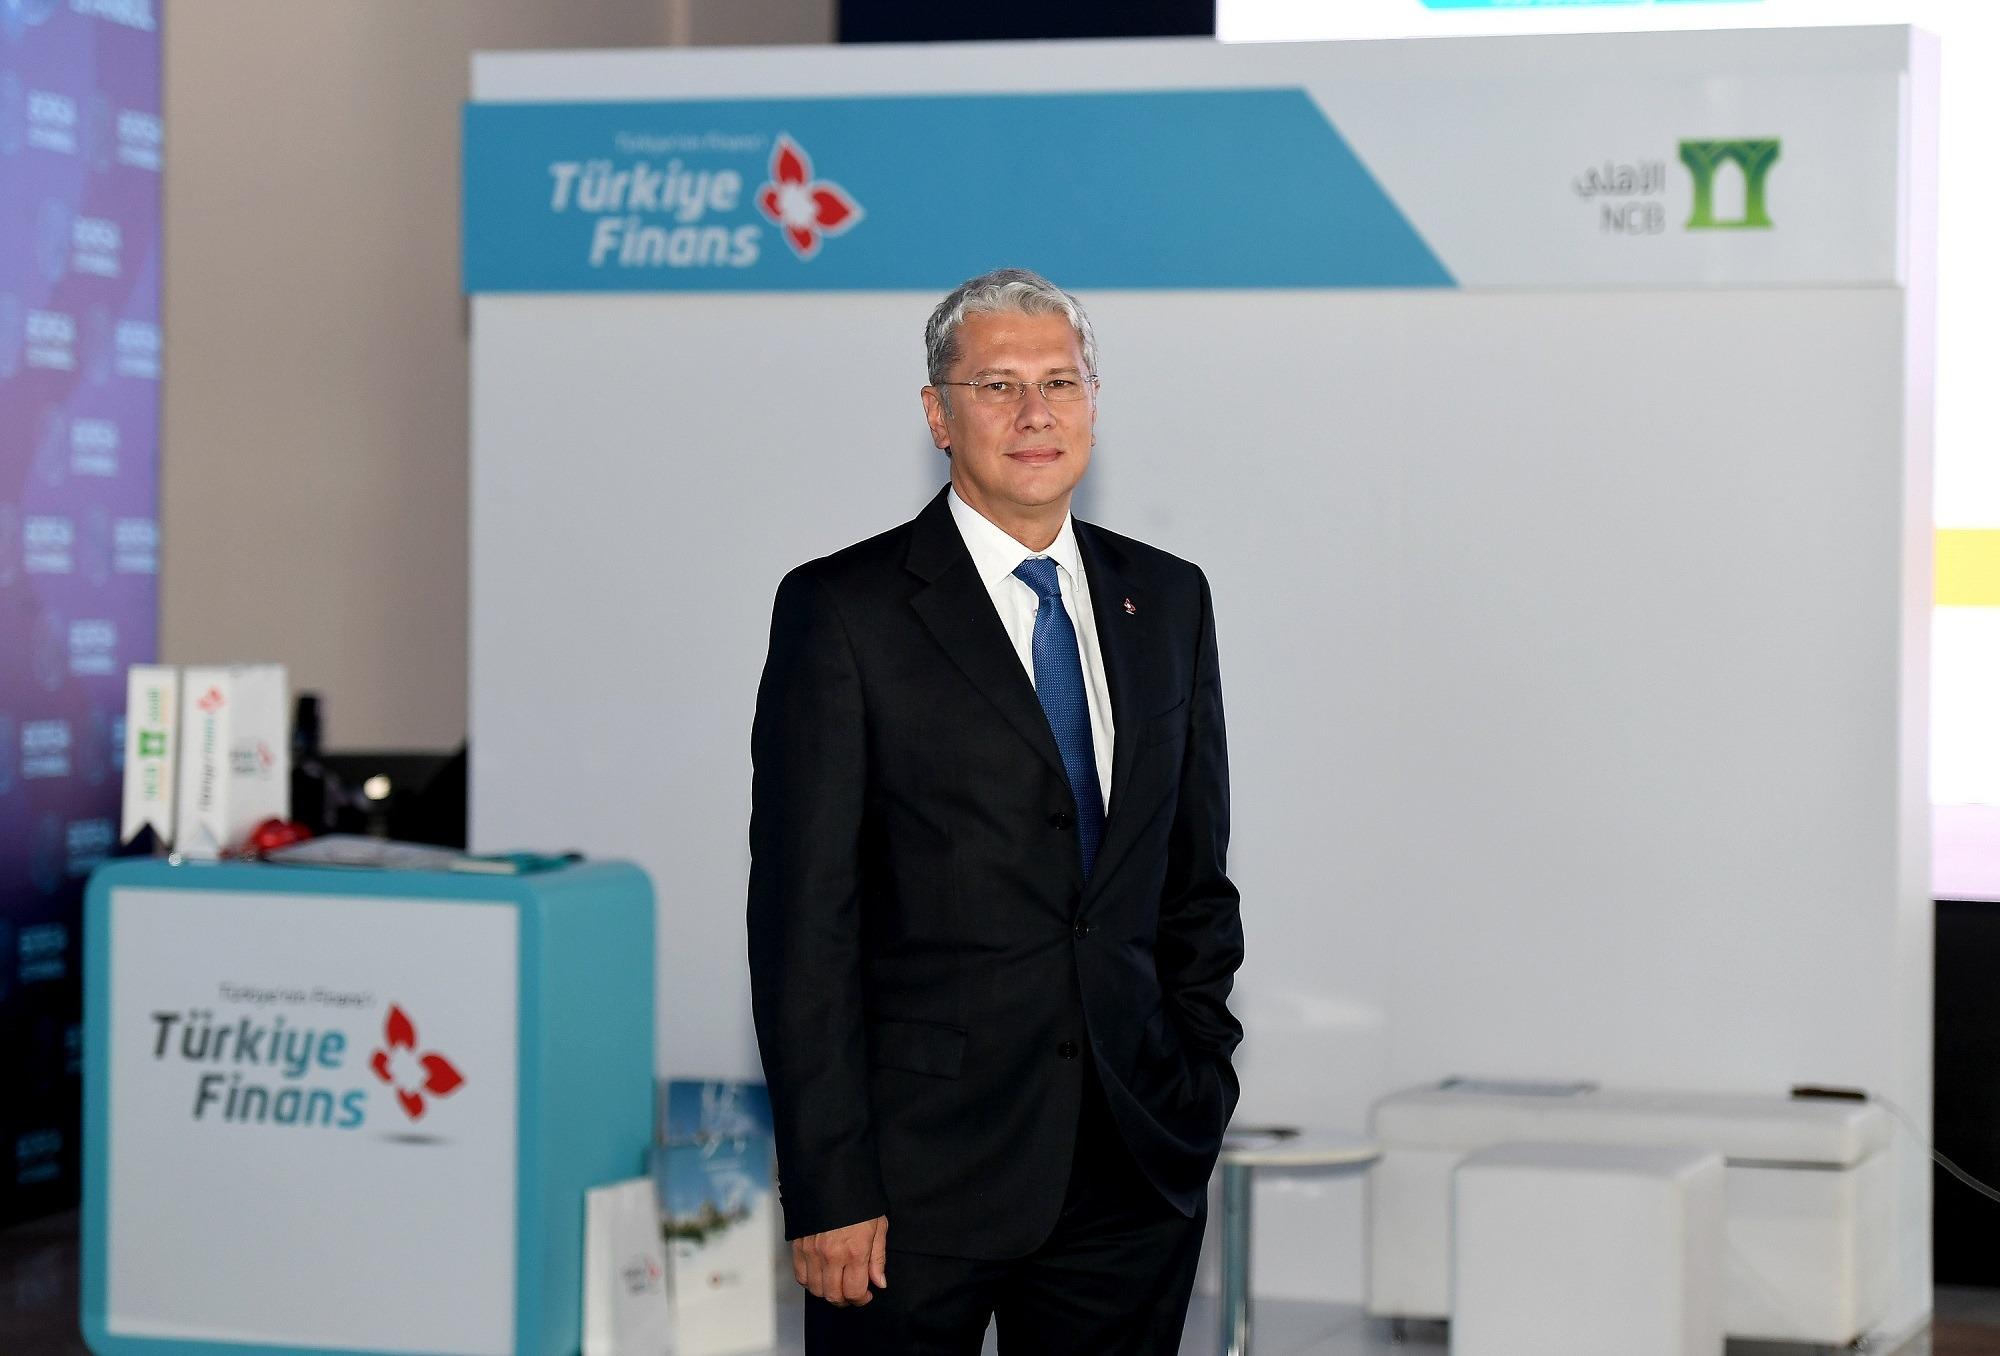 Türkiye Finans Hazine ve Finansal Kurumlar Genel Müdür Yardımcısı Hakan Uzun